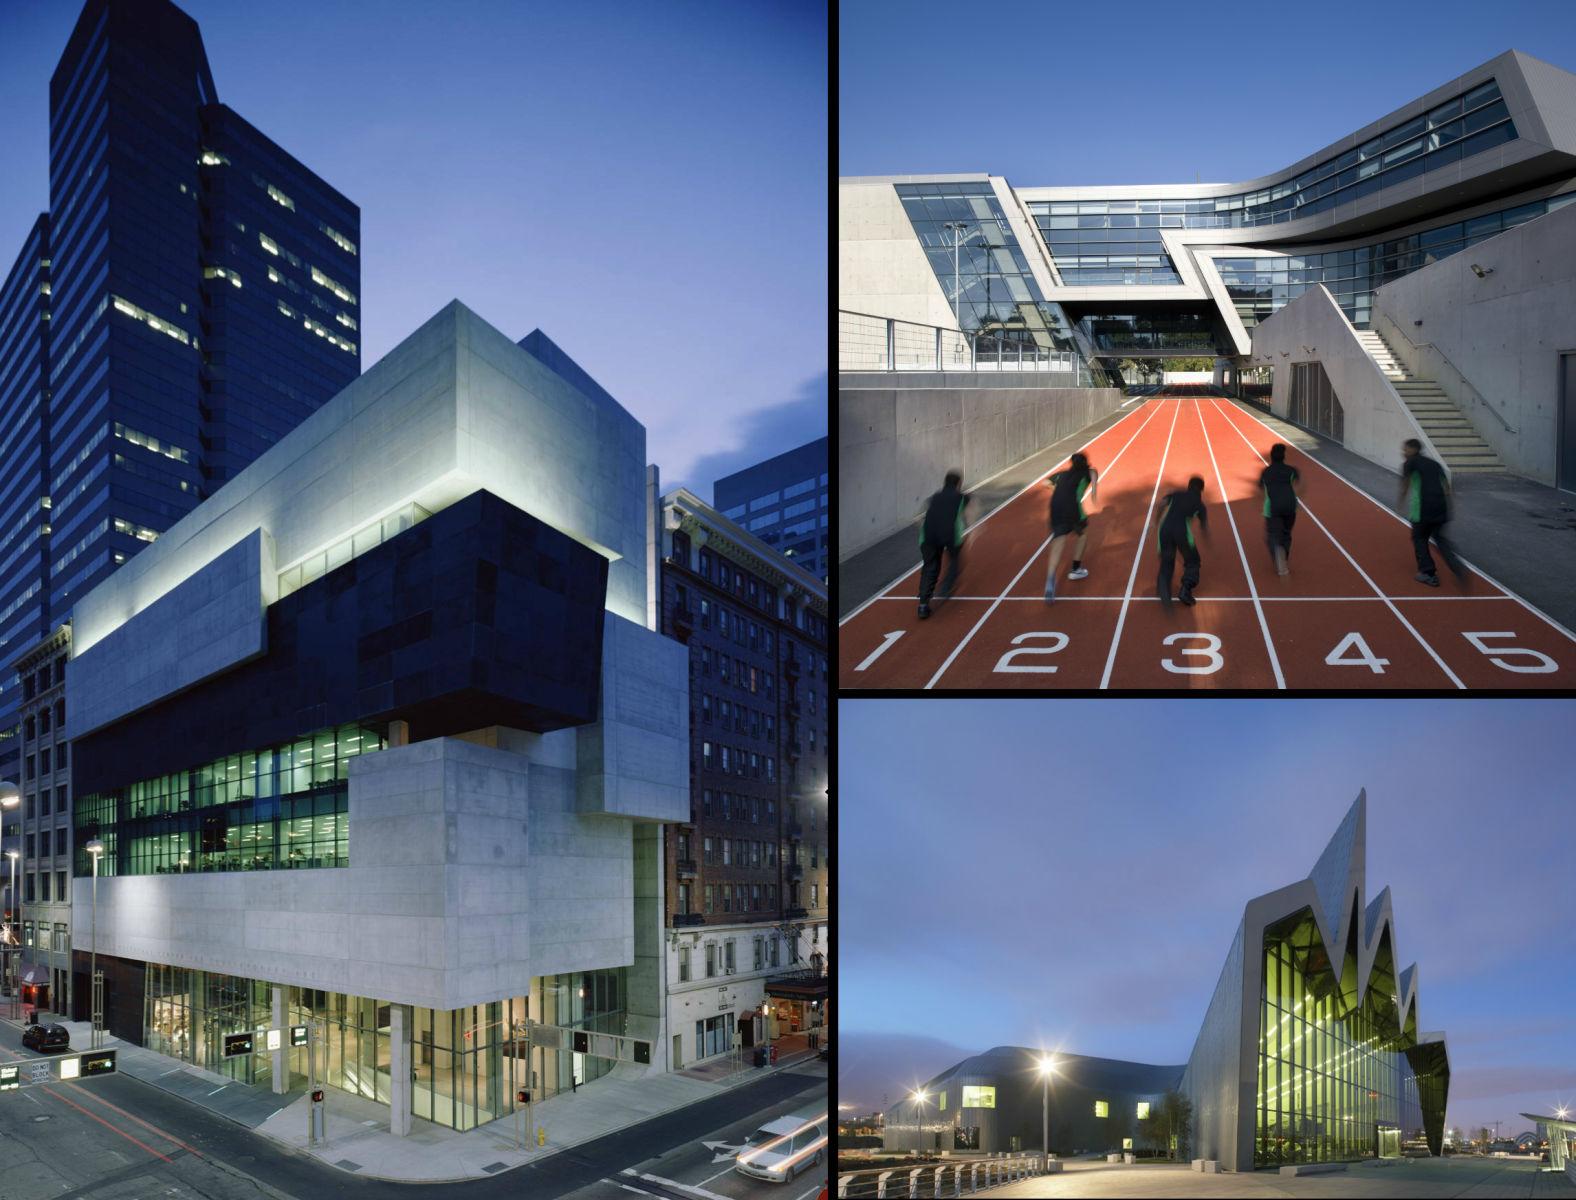 Αριστερά: To Lois & Richard Rosenthal Center for Contemporary Art, στο Σινσινάτι των ΗΠΑ Δεξιά, Πάνω:  Το Evelyn Grace Academy στο Λονδίνο Δεξιά, Κάτω: Το Riverside Museum of Transport στη Γλασκόβη